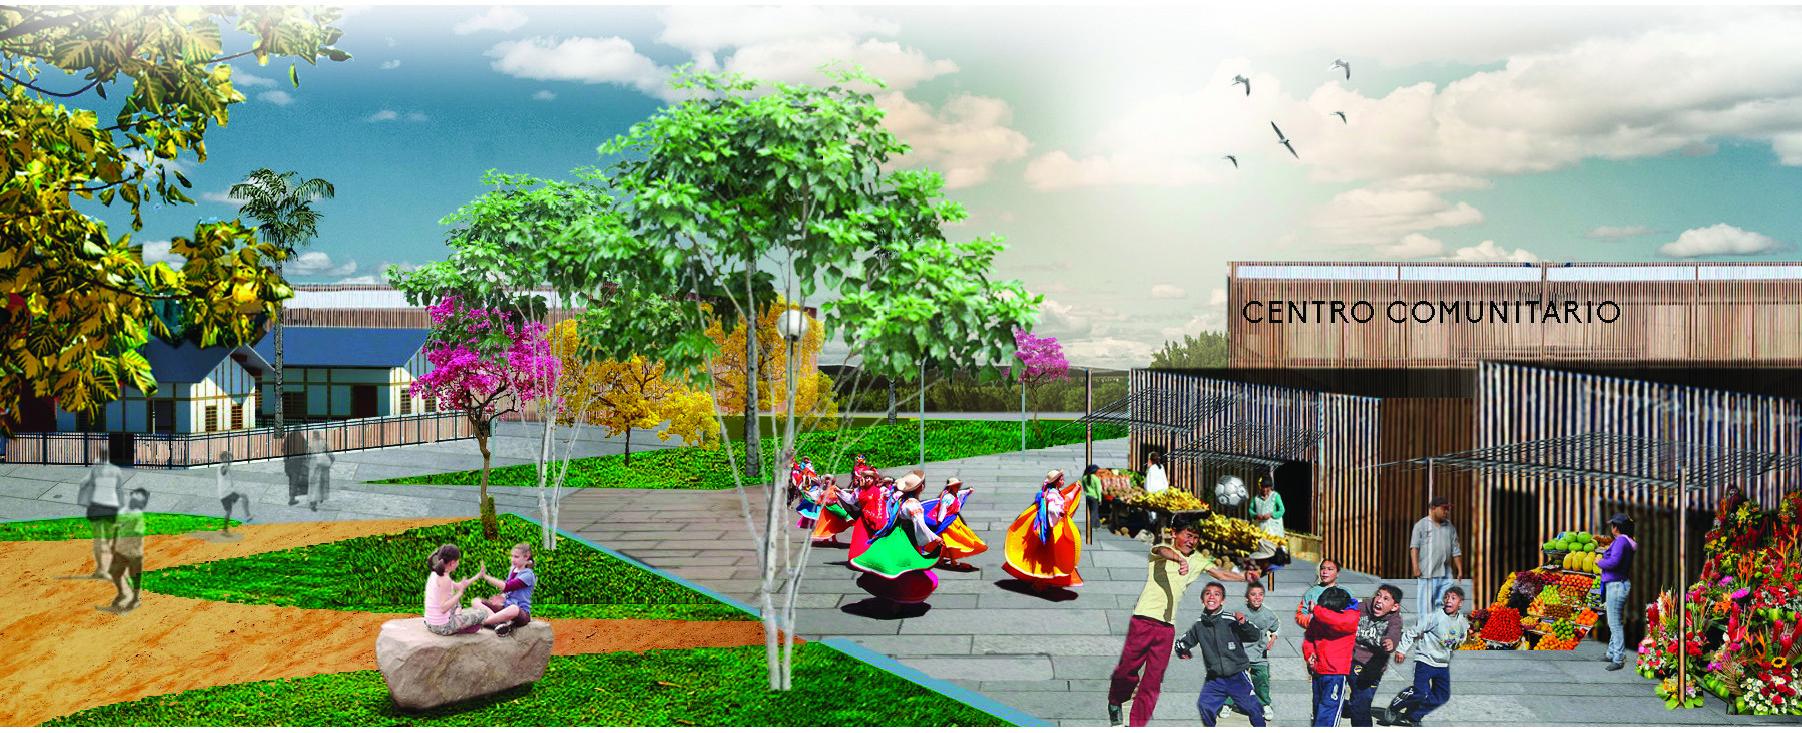 Perkins Eastman se asocia con Hogar de Cristo para construir urbanización en Guayaquil, Cortesia de Perkins Eastman